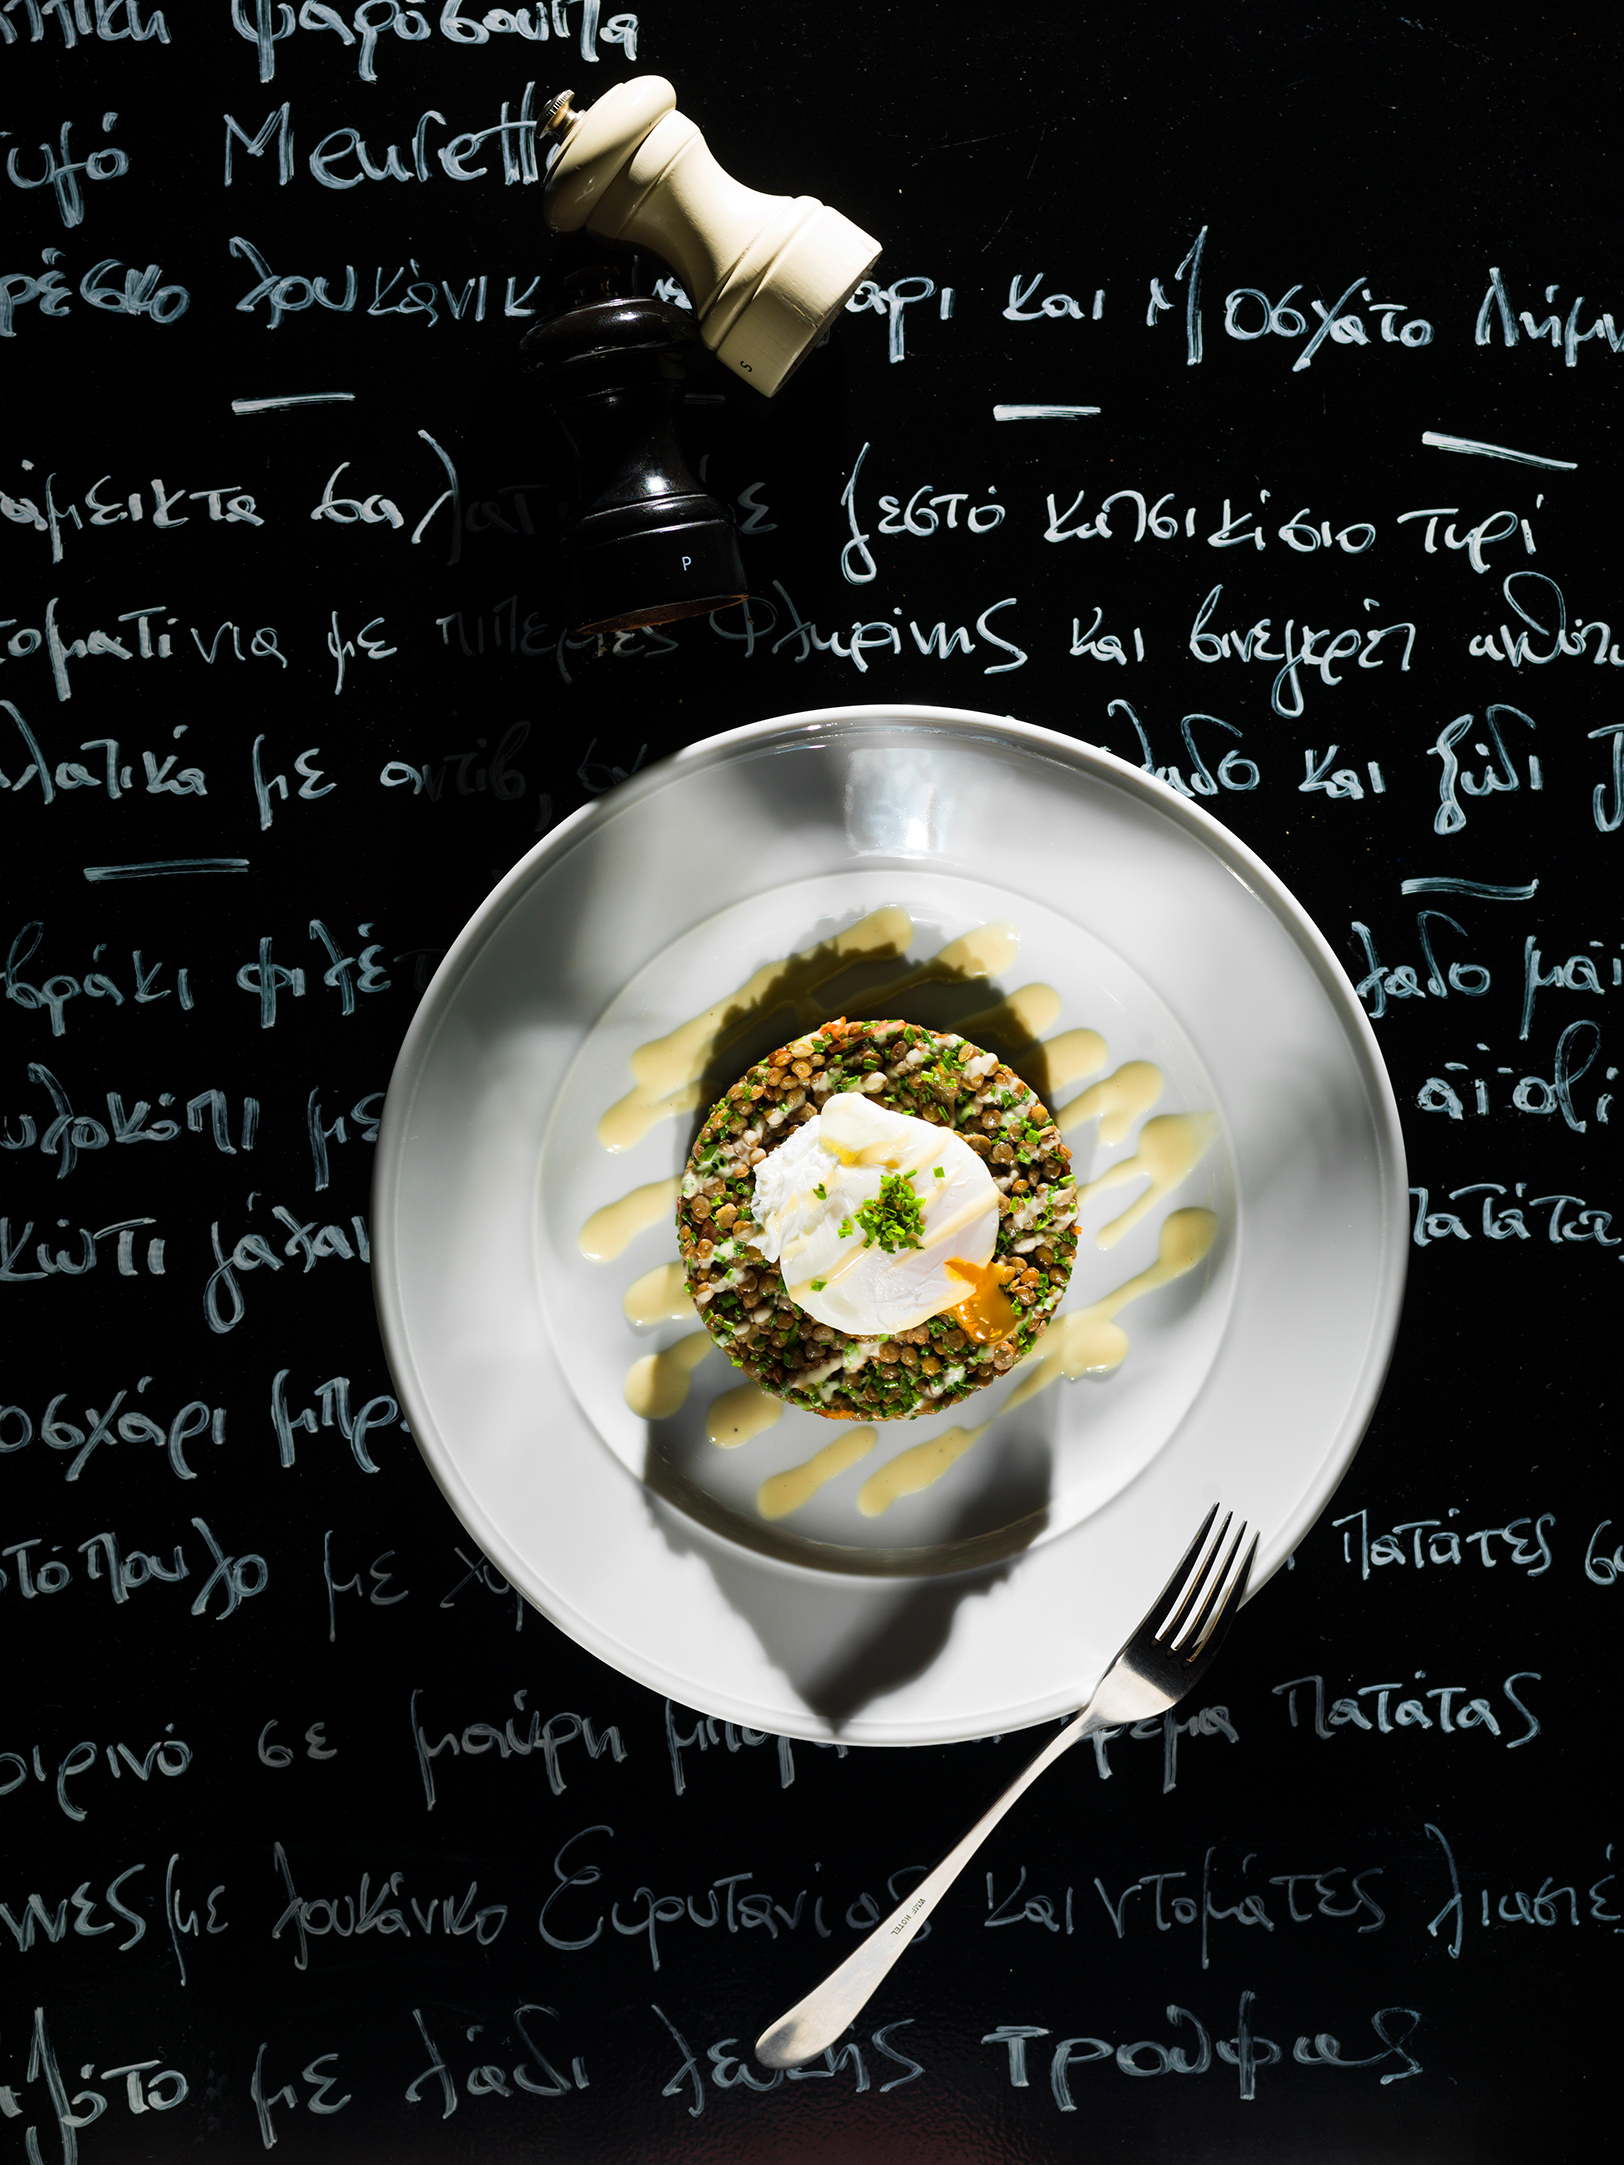 PollyMaggoo-Food.jpg